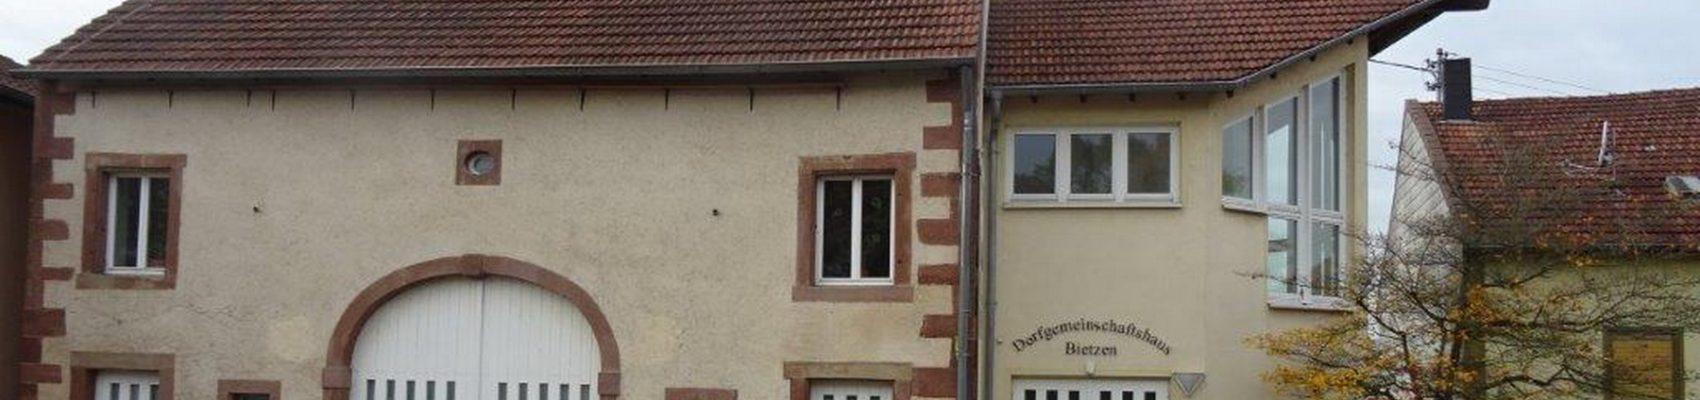 Dorfgemeinschaftshaus Bietzen